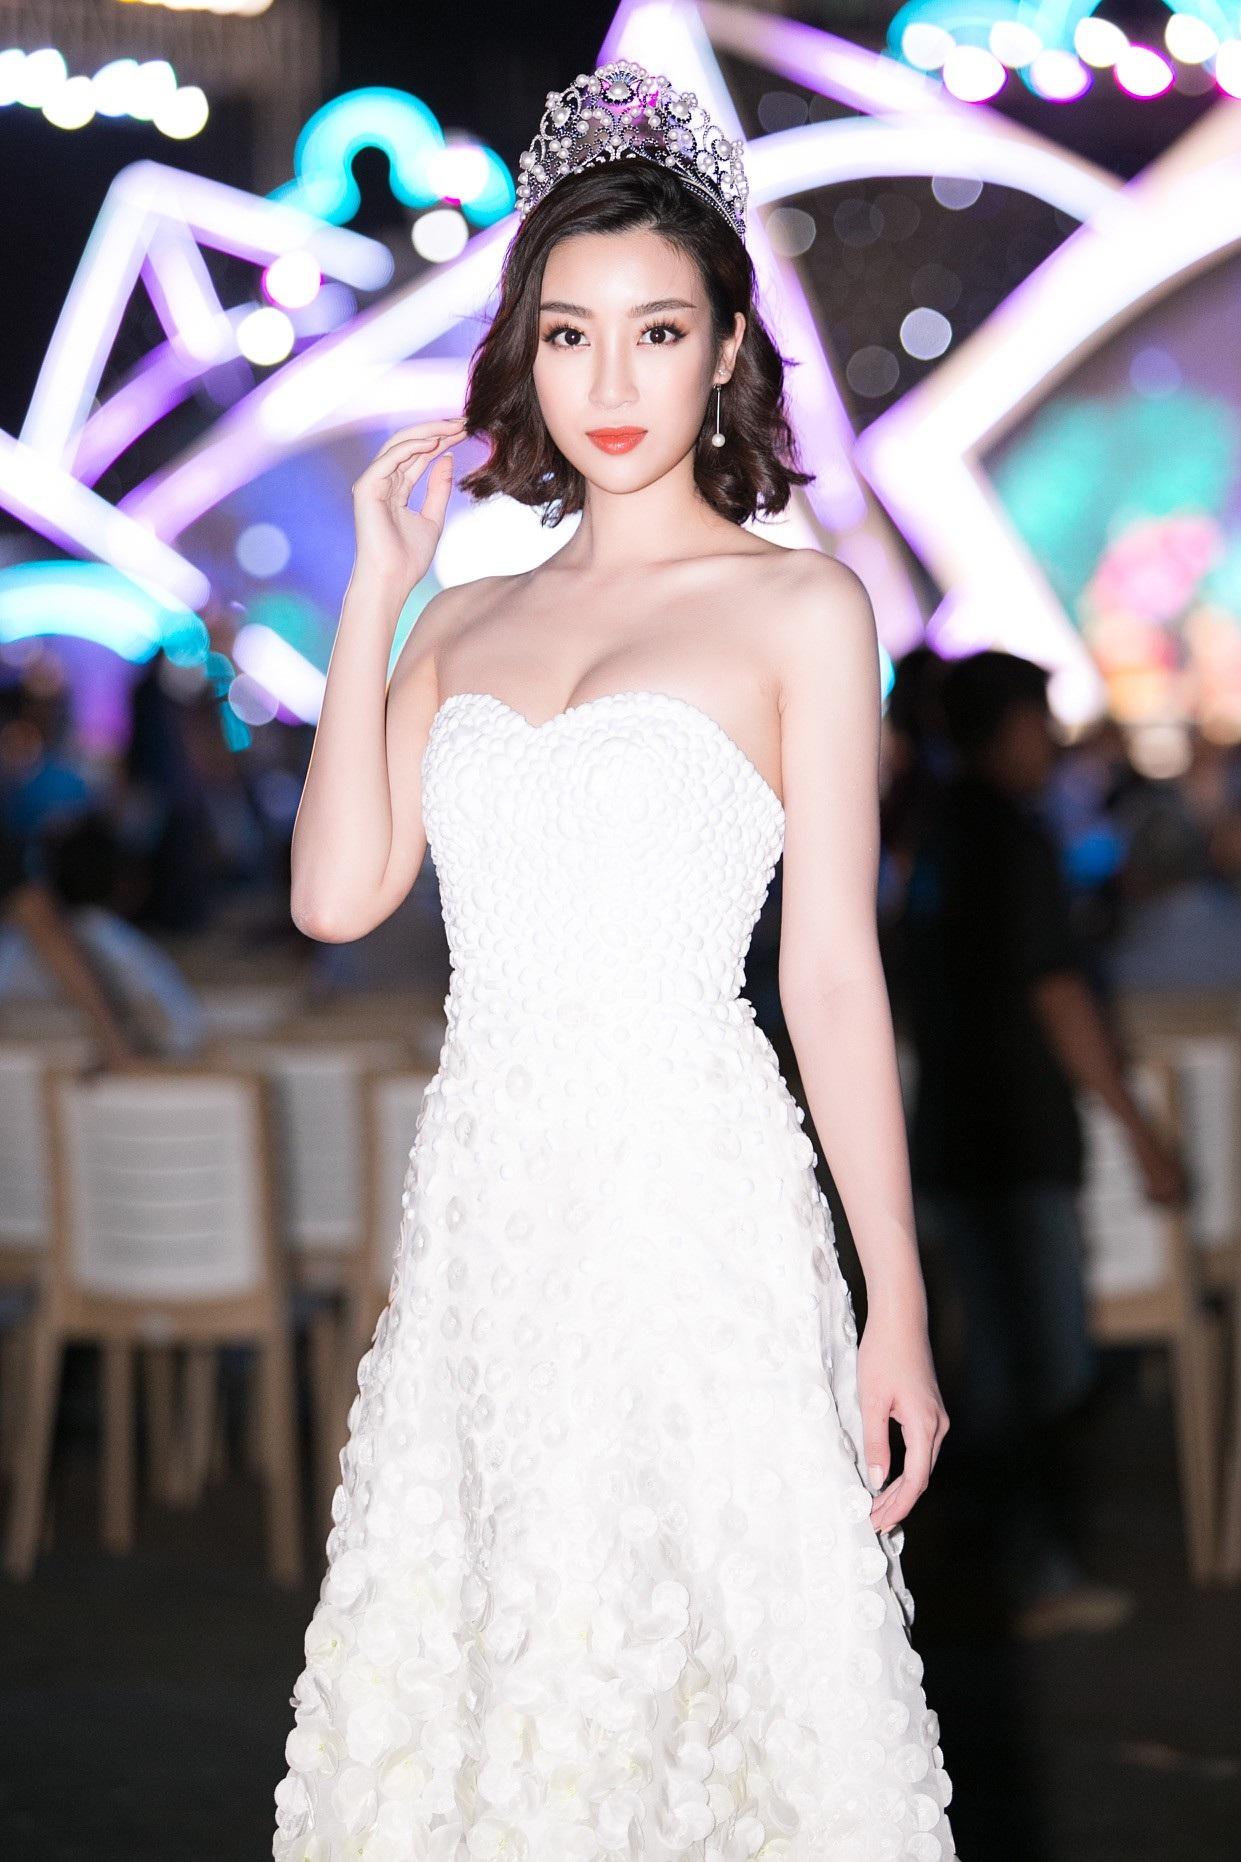 """Hoa hậu Bùi Bích Phương diện đầm trễ ngực, """"át"""" cả sự gợi cảm của đàn em - Ảnh 4."""